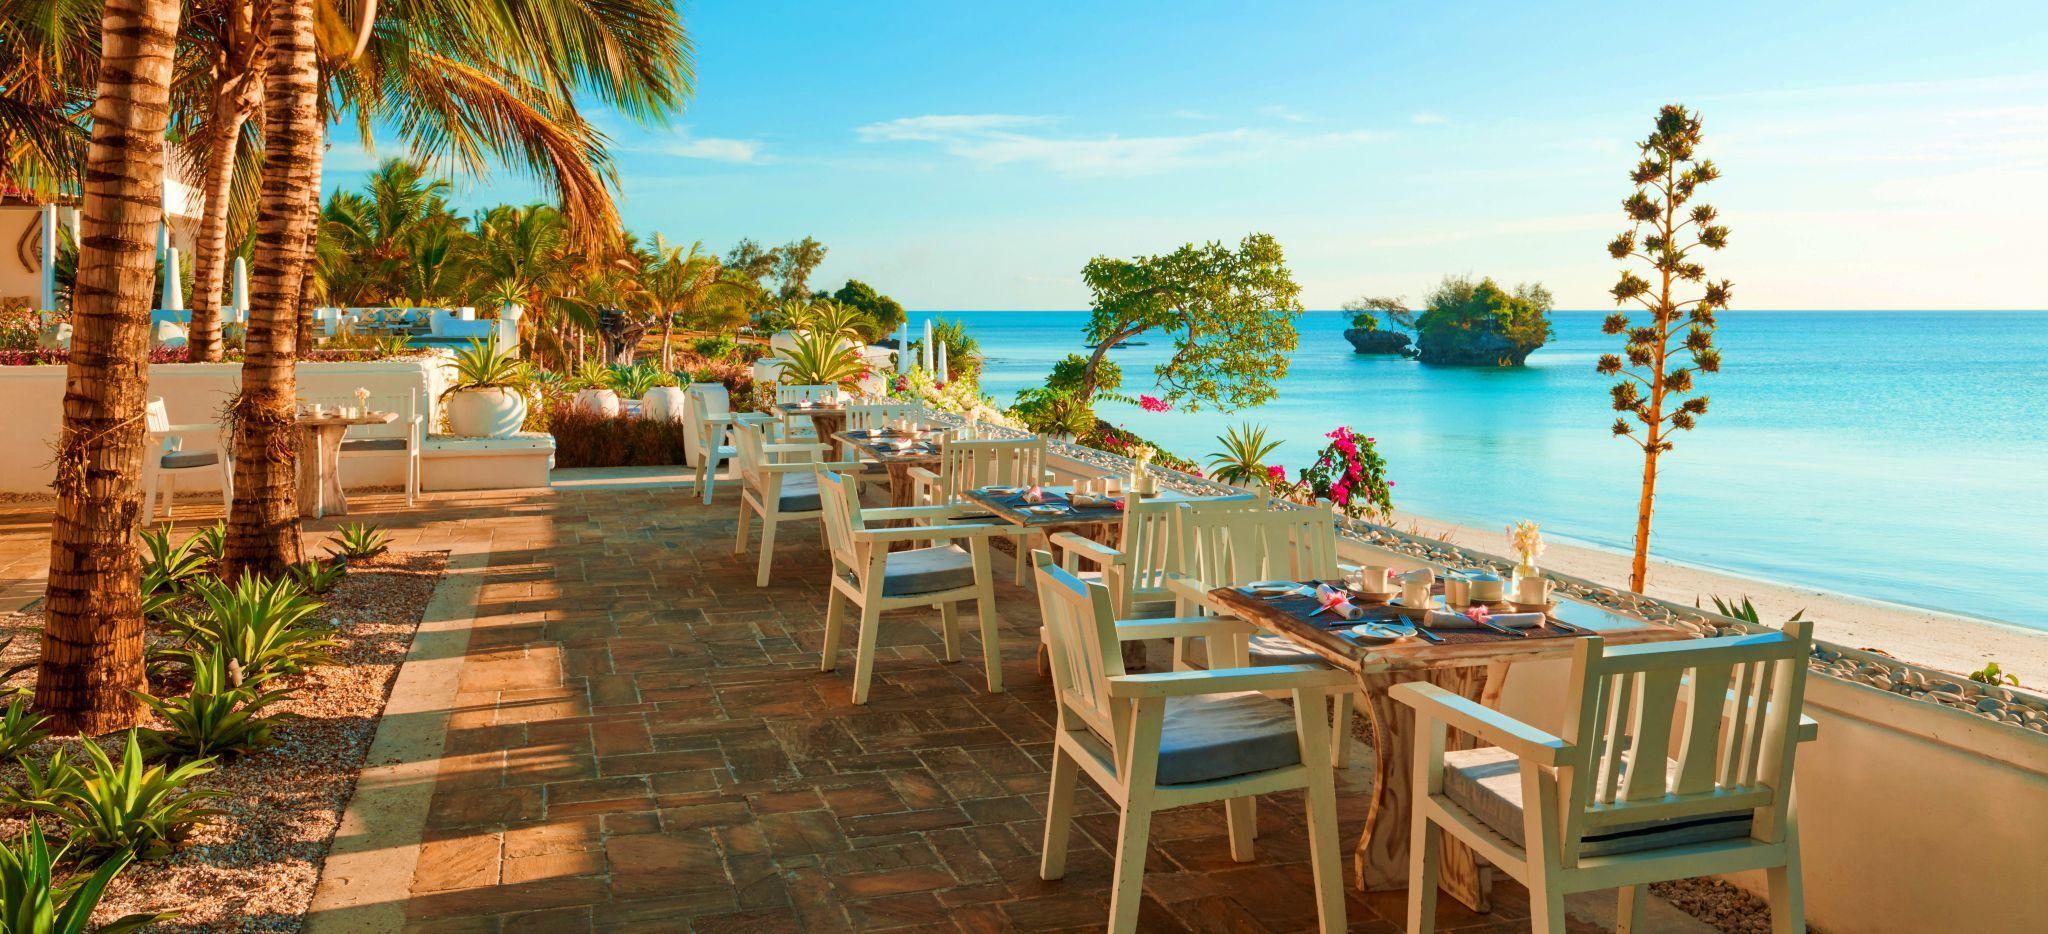 Ein paar Restauranttische mit Blick auf das Meer, im Hotel the Aiyana auf Pemba, Tansania